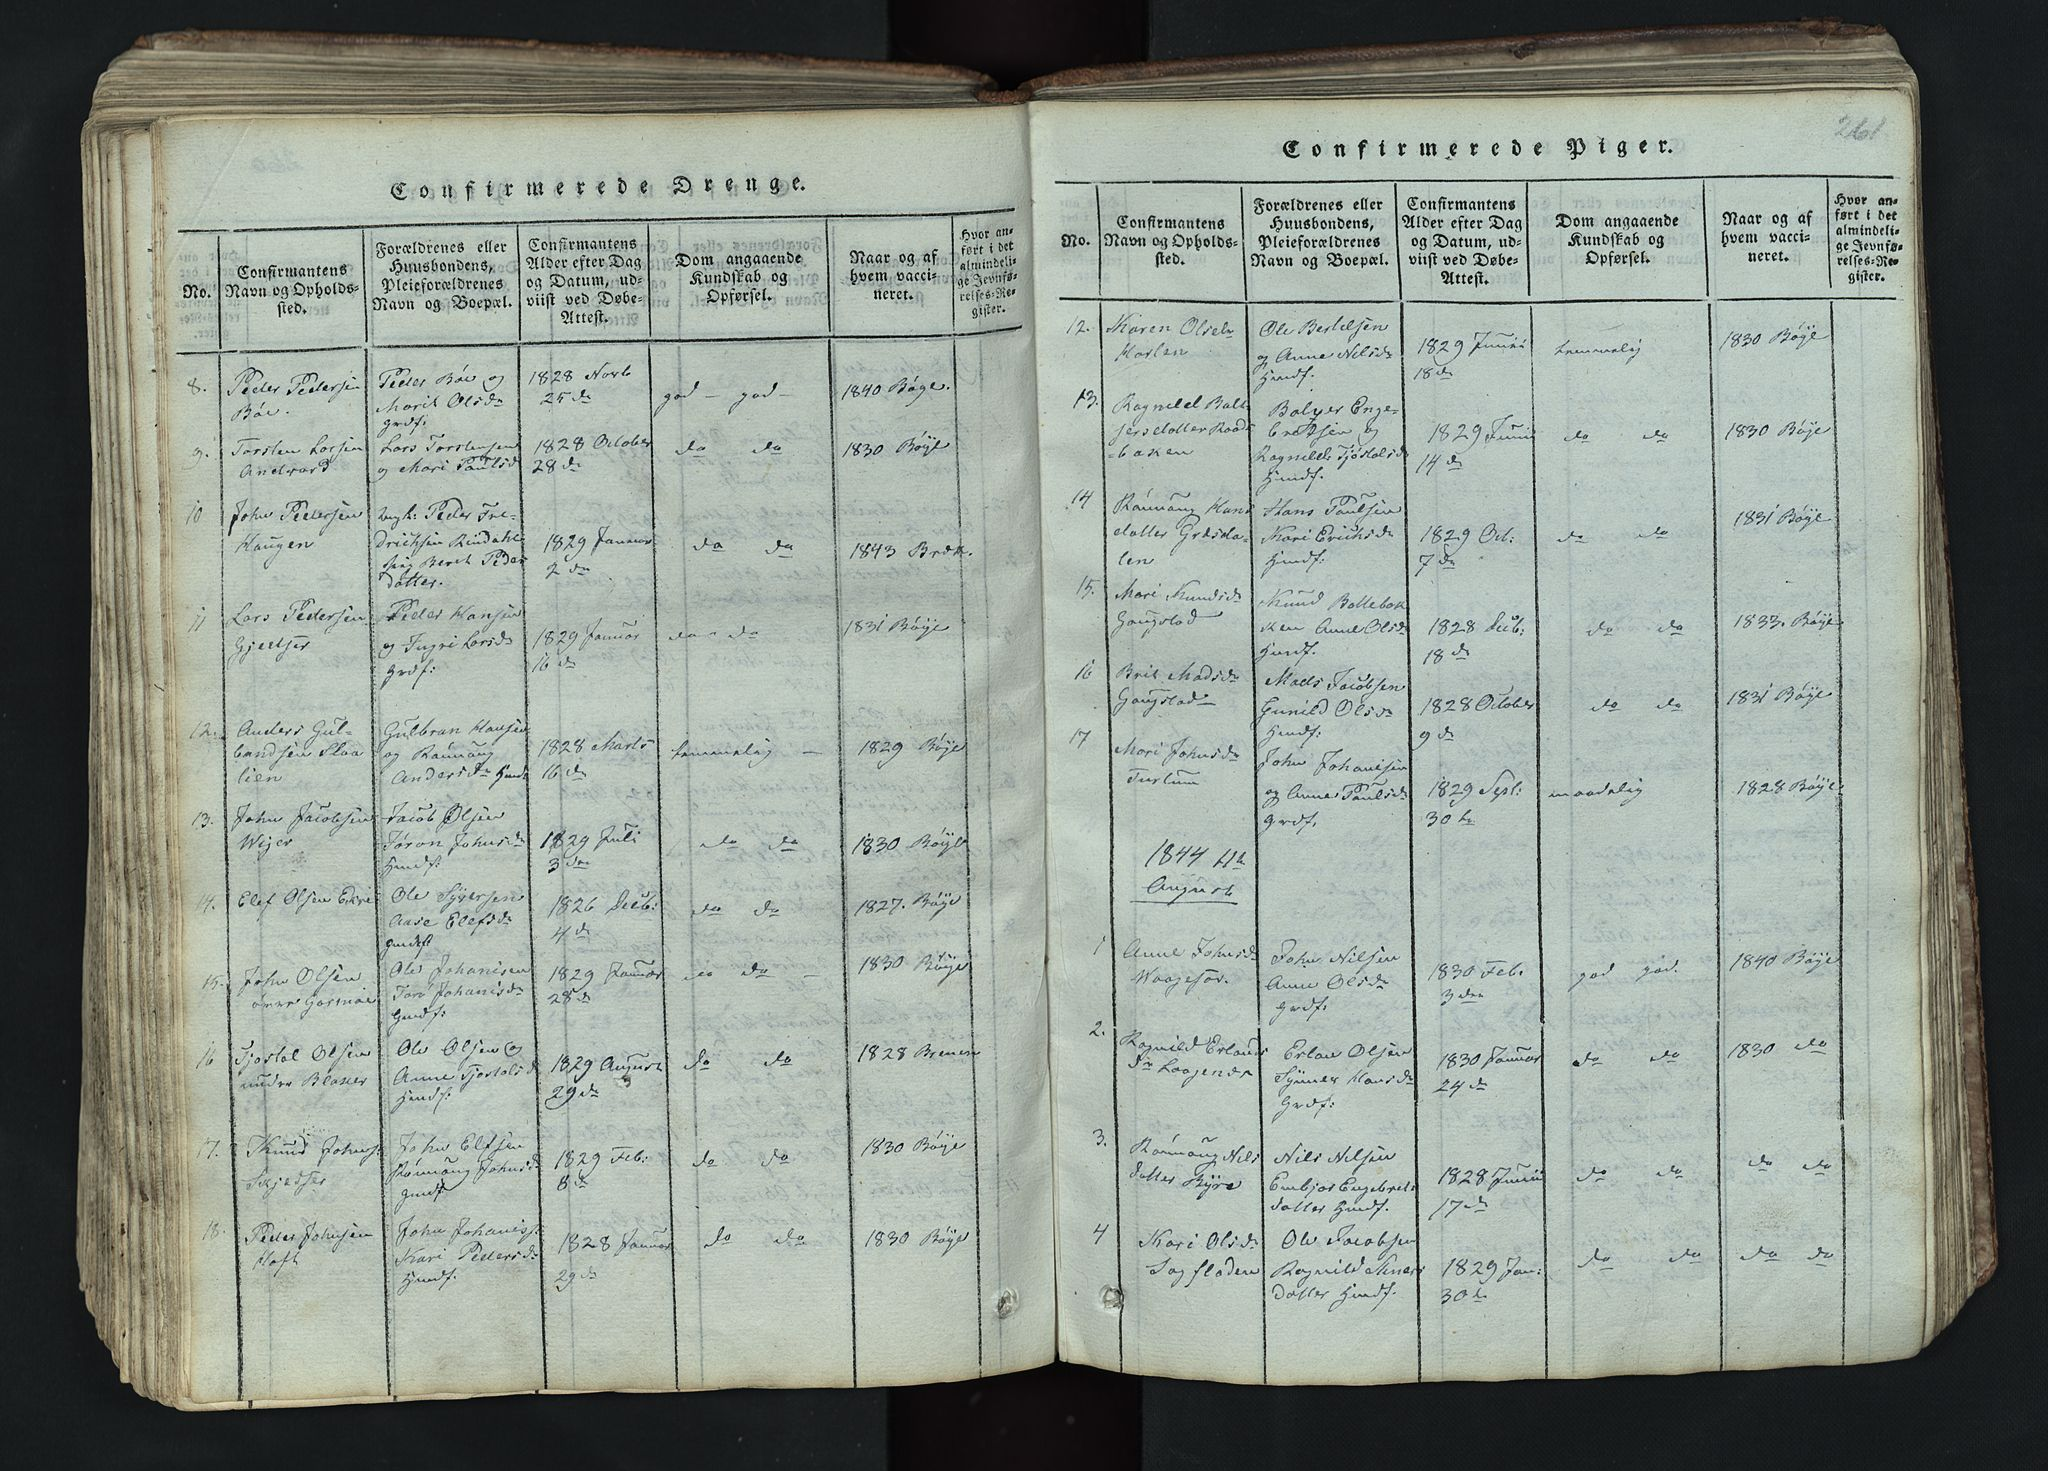 SAH, Lom prestekontor, L/L0002: Klokkerbok nr. 2, 1815-1844, s. 261